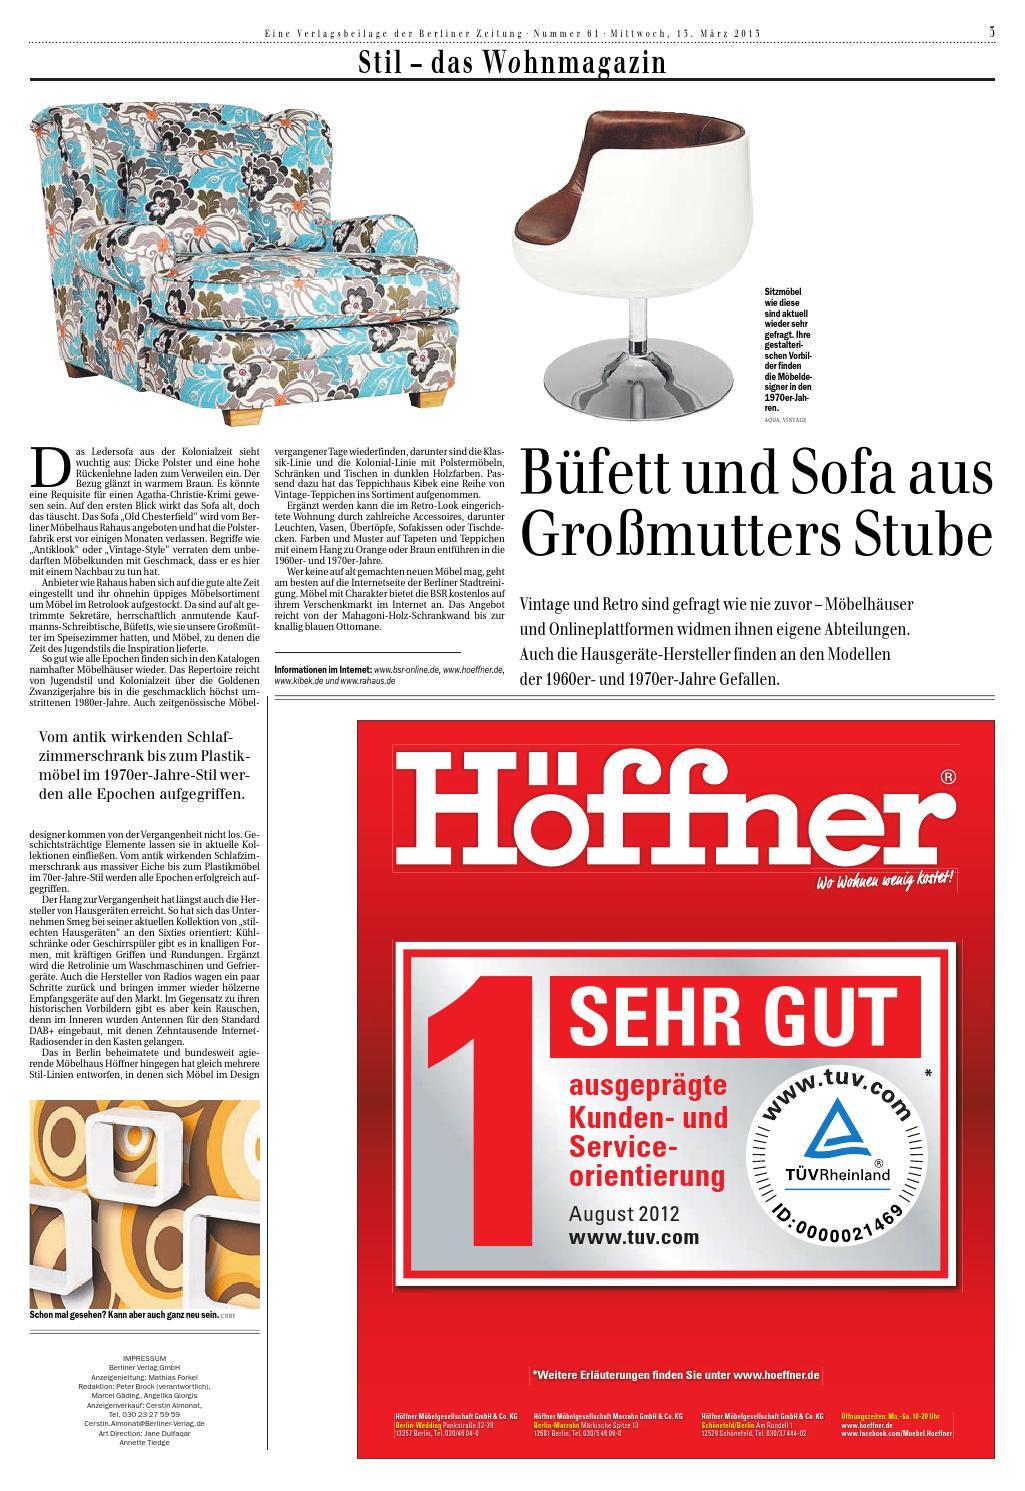 Stil Das Wohnmagazin By Berlin Medien Gmbh Issuu